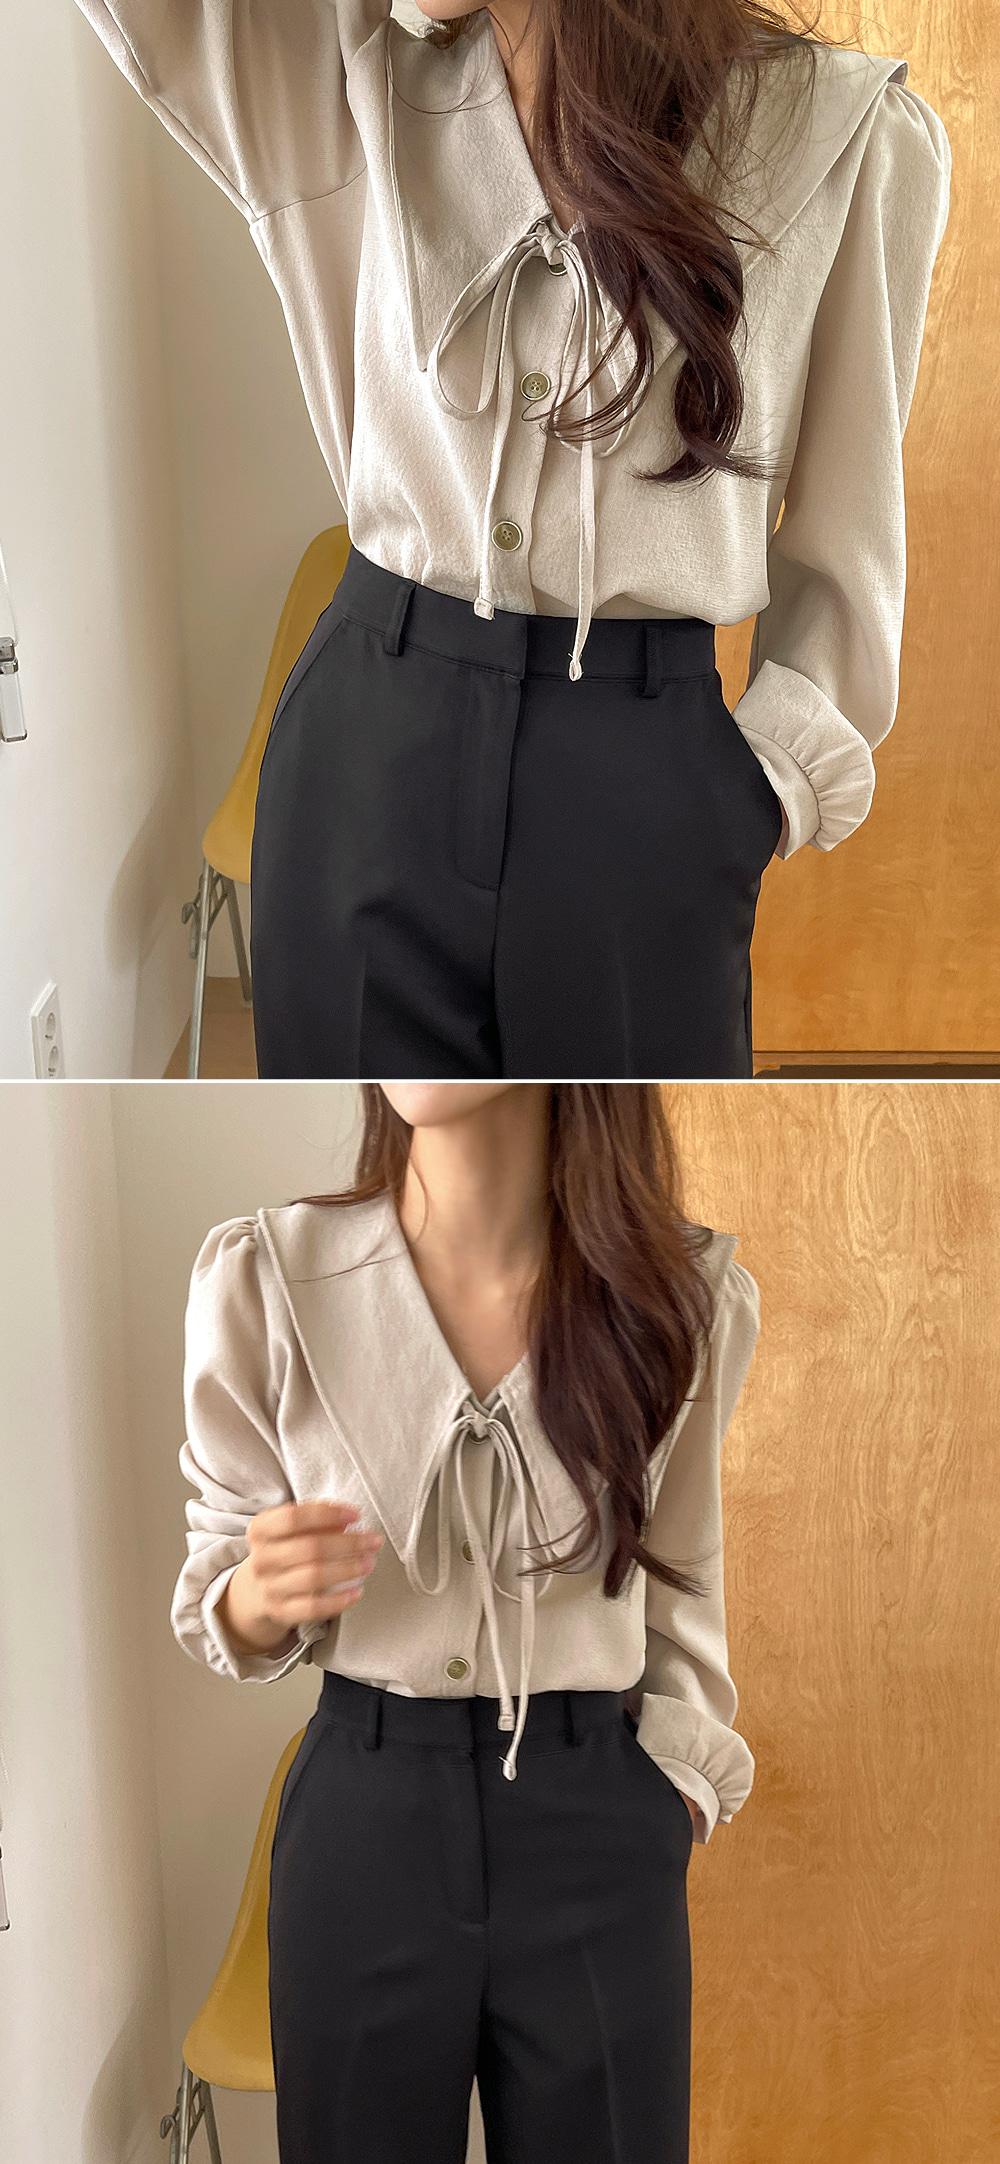 Monday david collar blouse